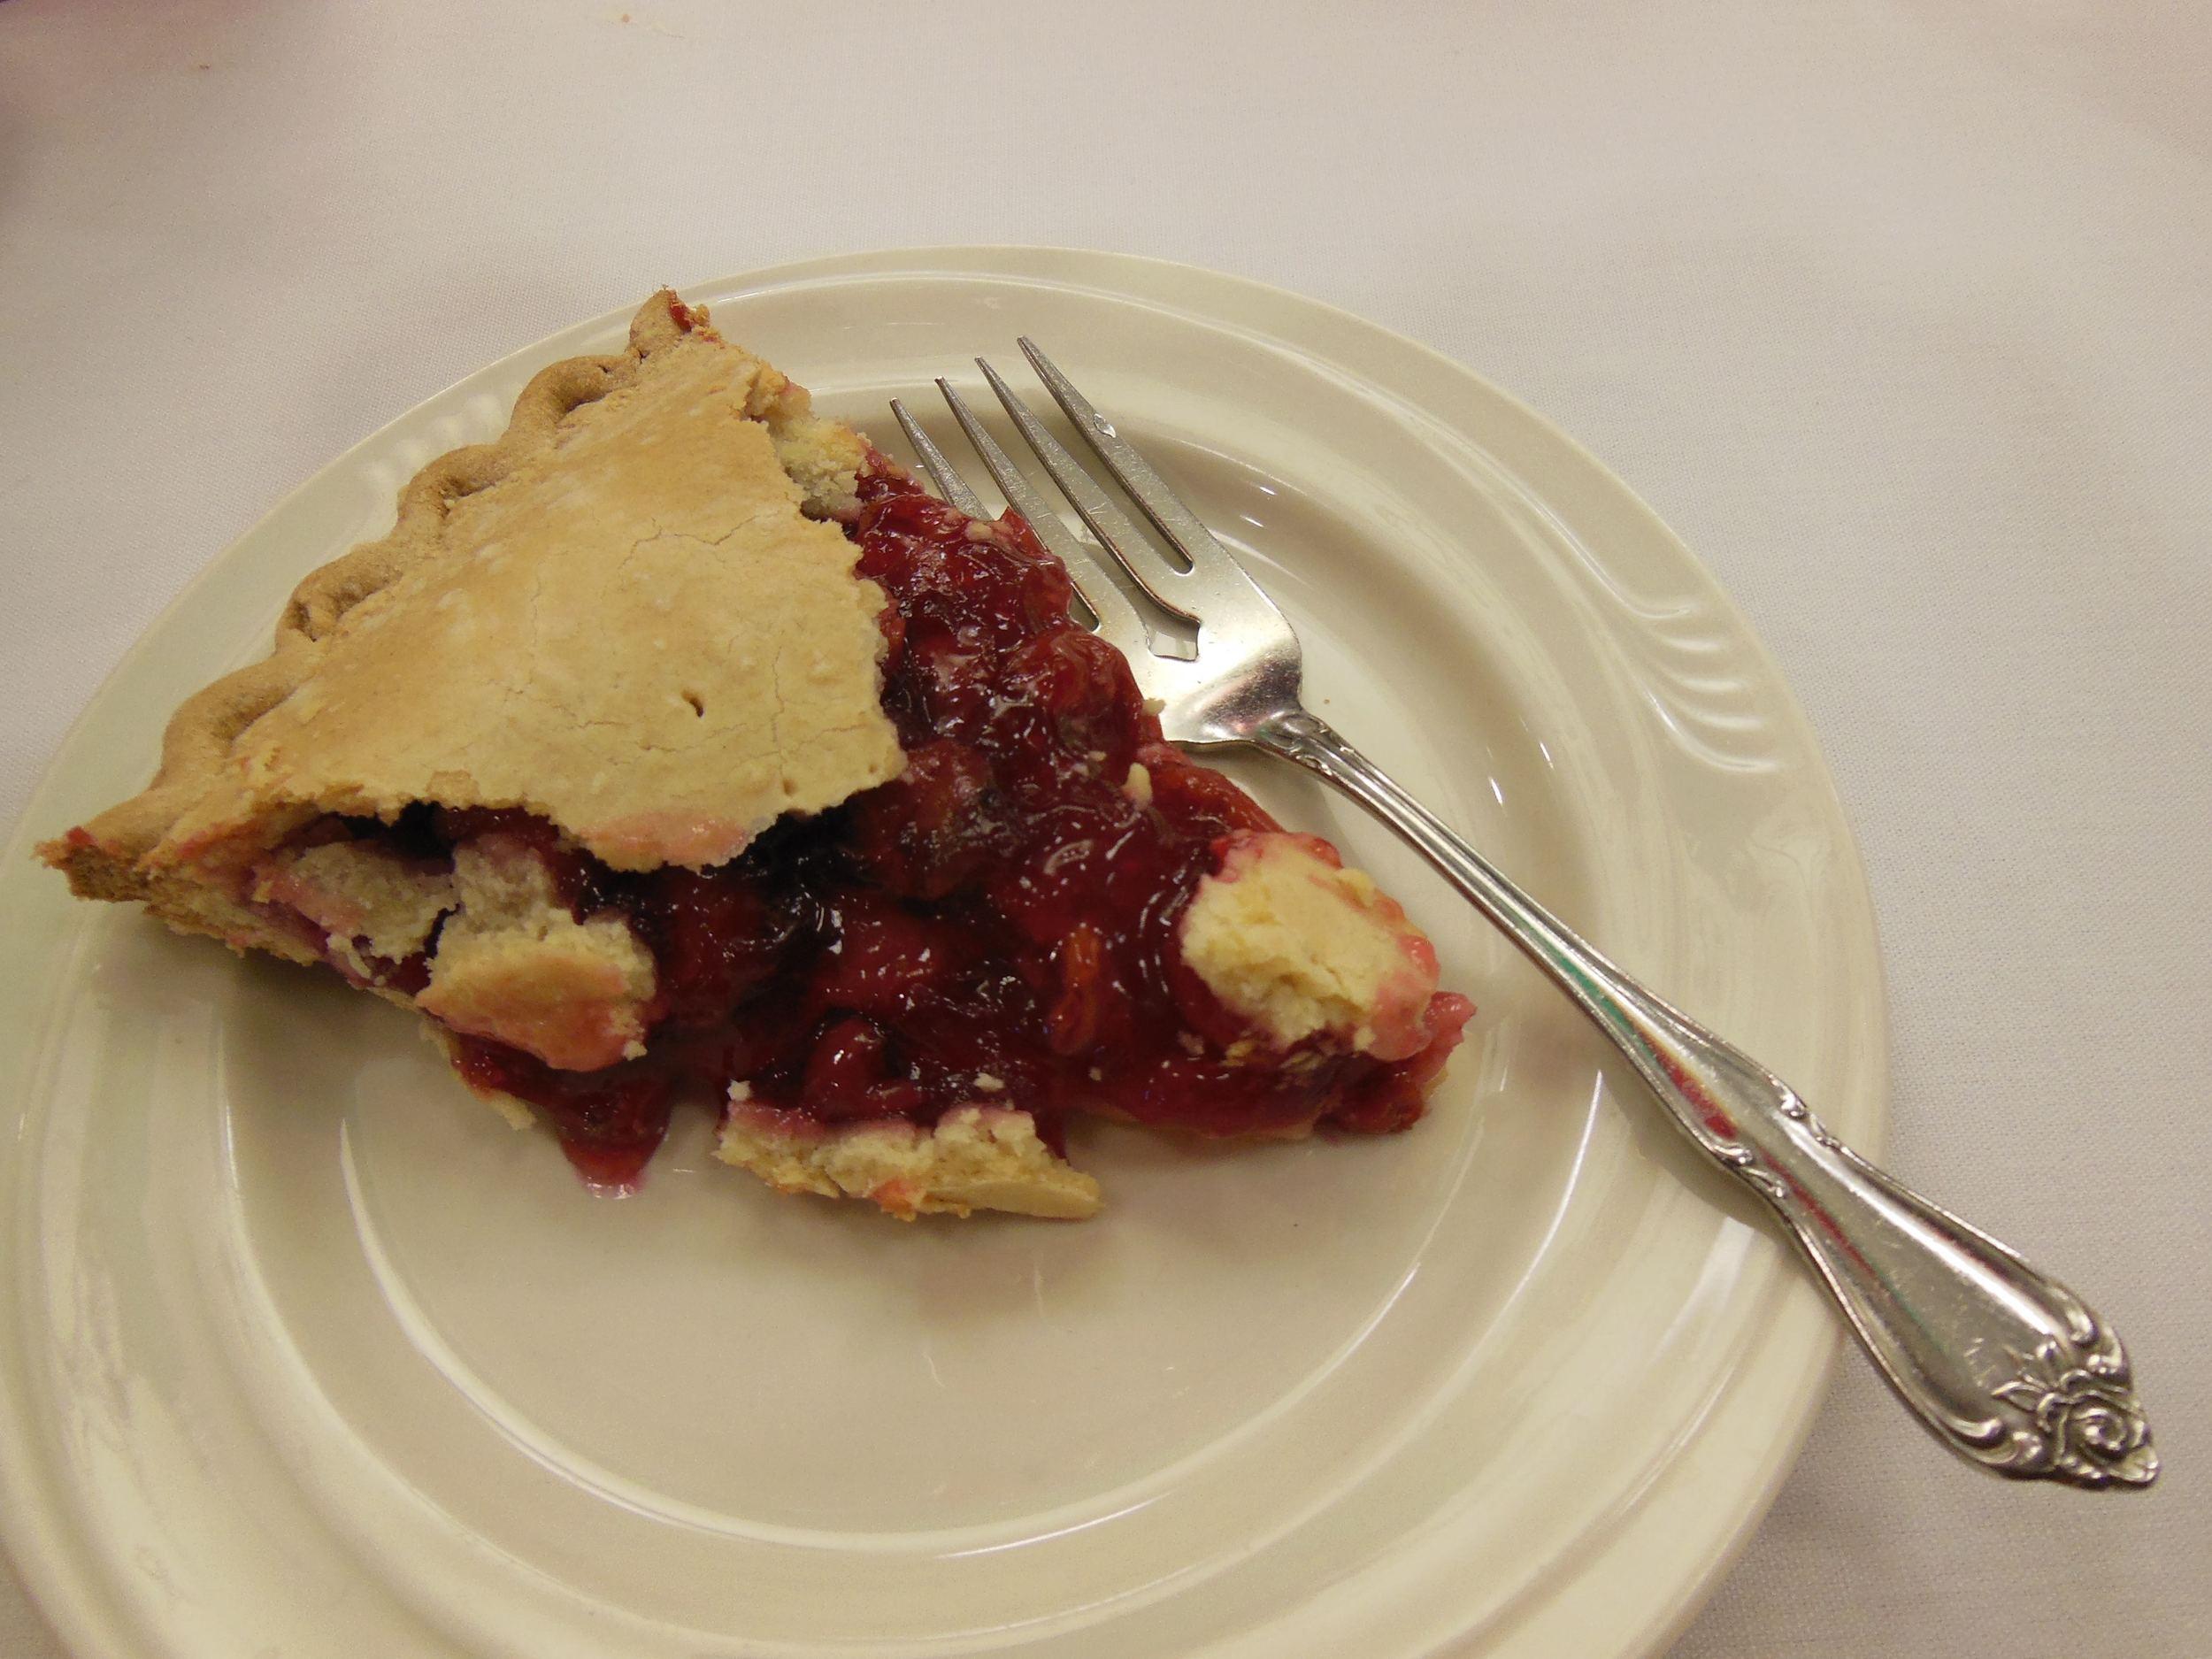 SUGAR FREE CHERRY PIE BEING Taste tested against a regular cherry pie.